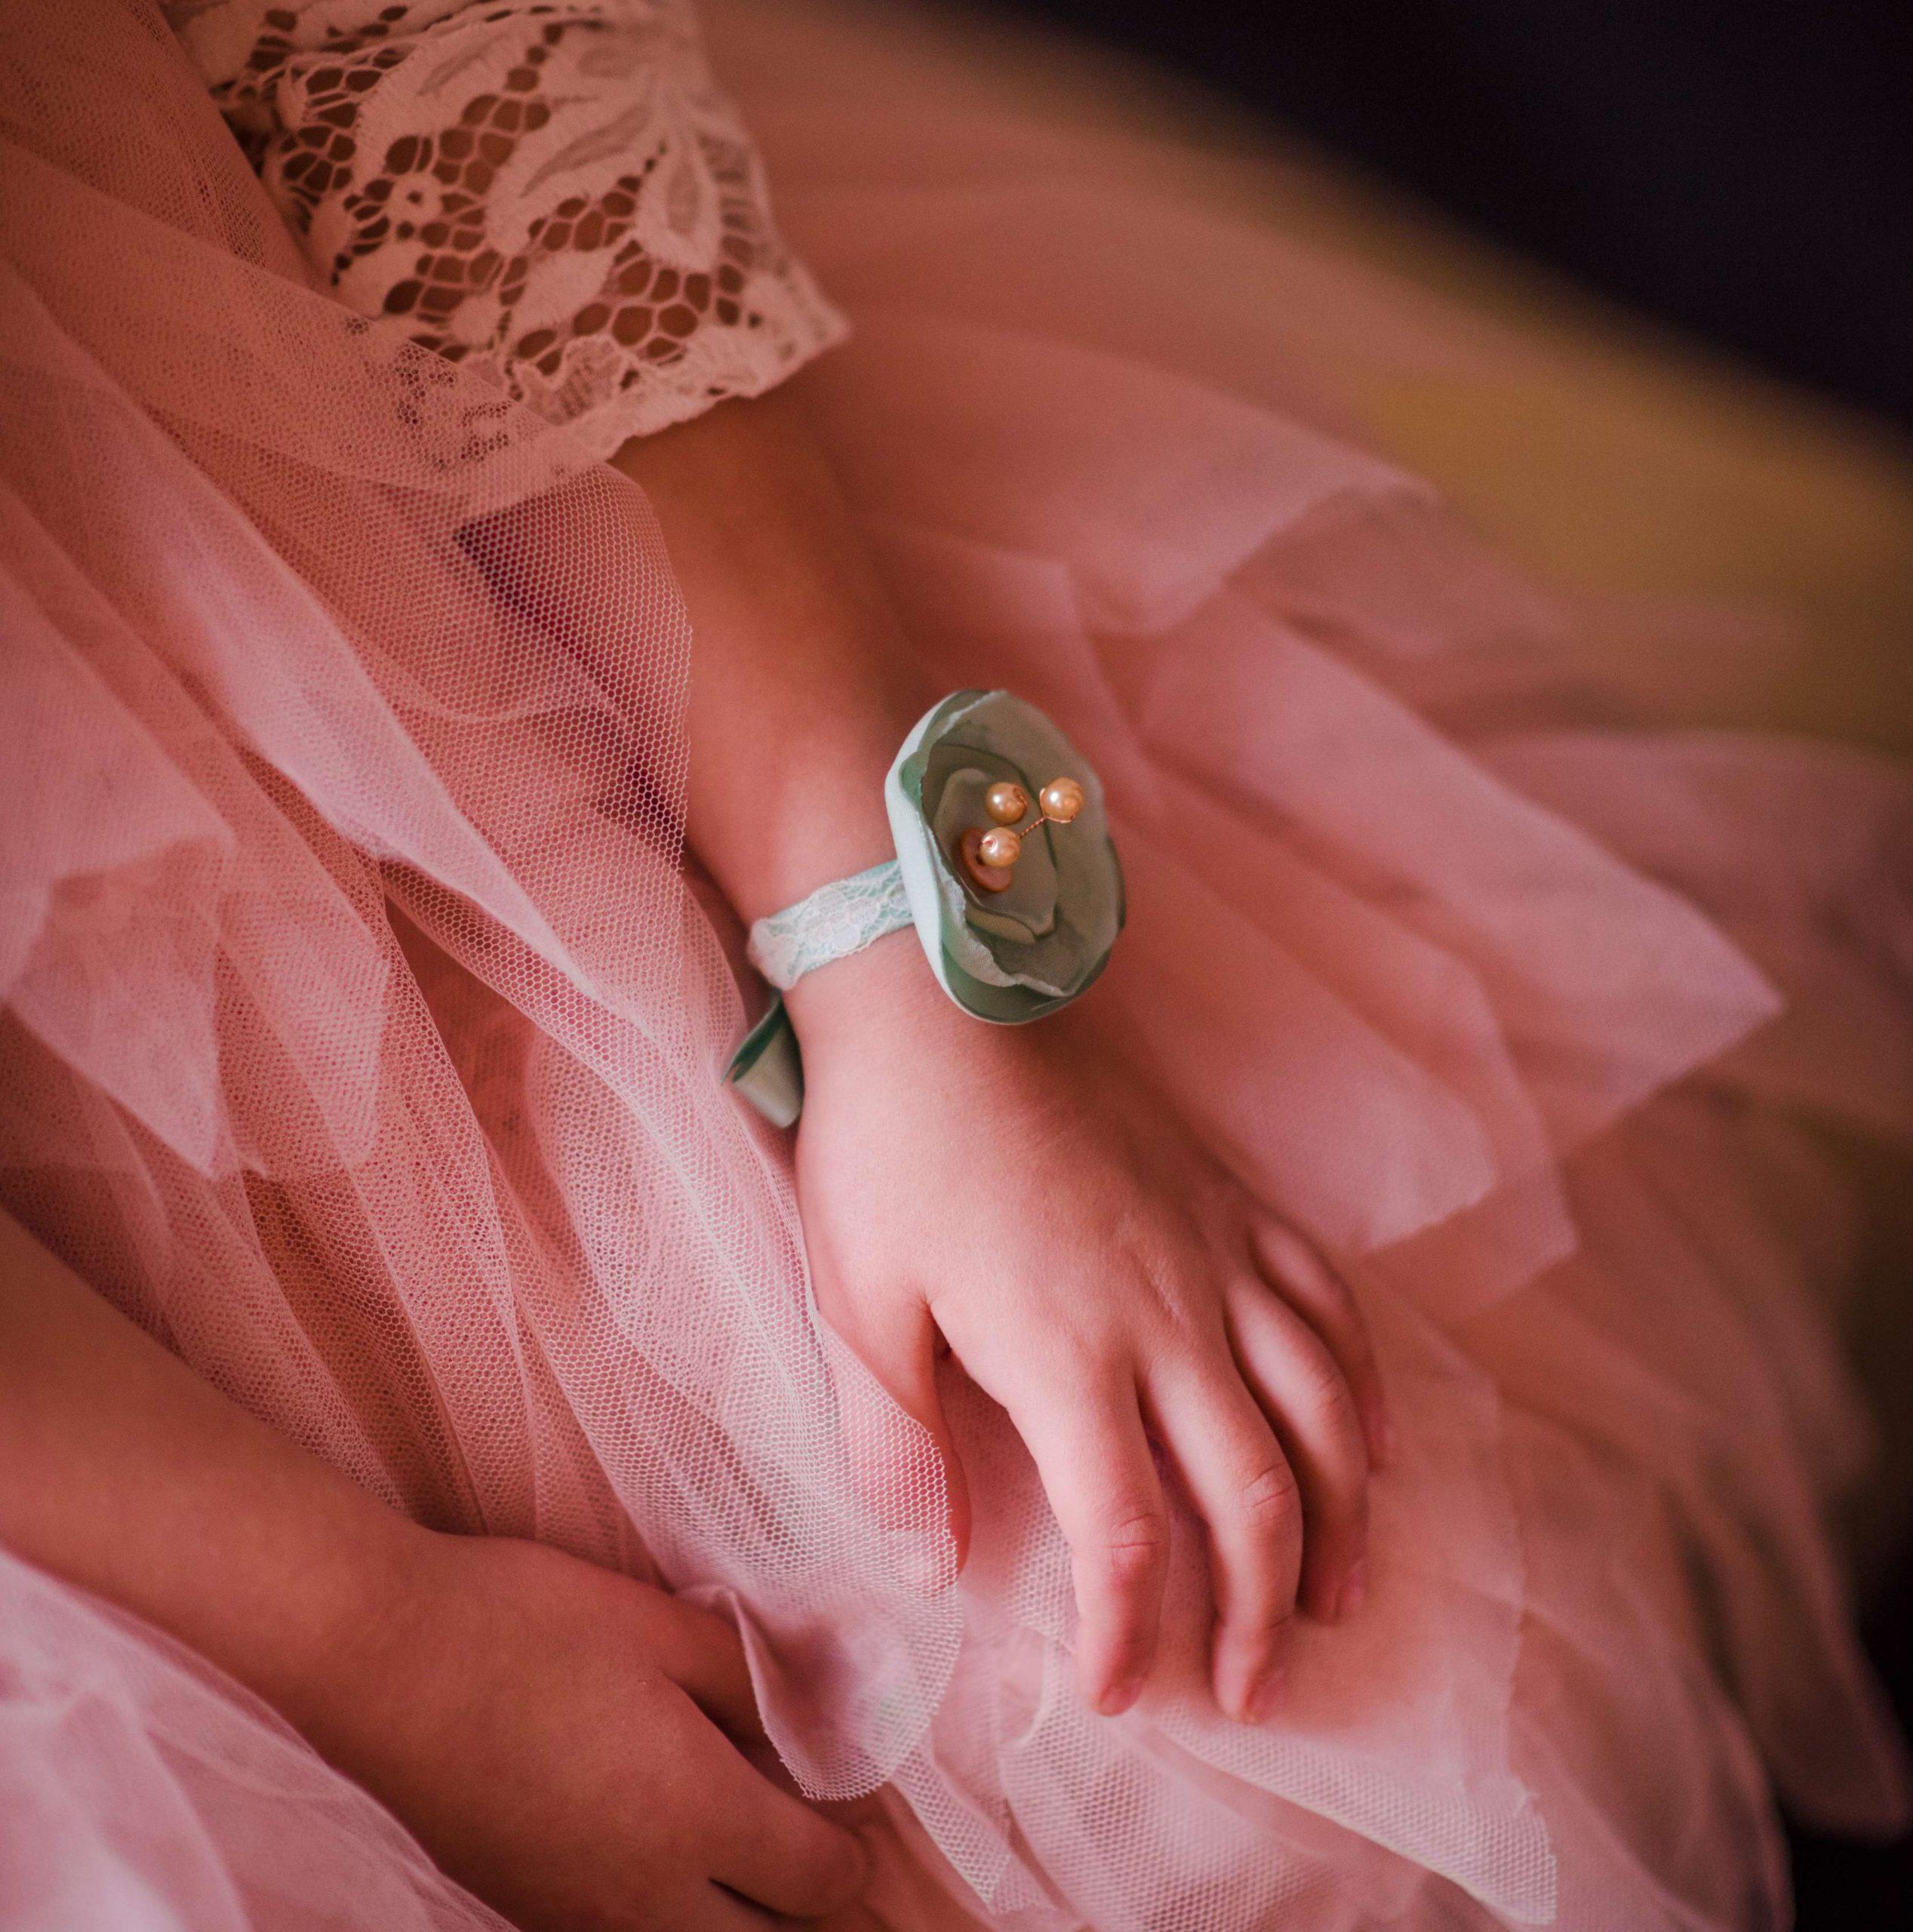 Bracelet Louise 2 Alice Marty - Couture florale Accessoires Mariage